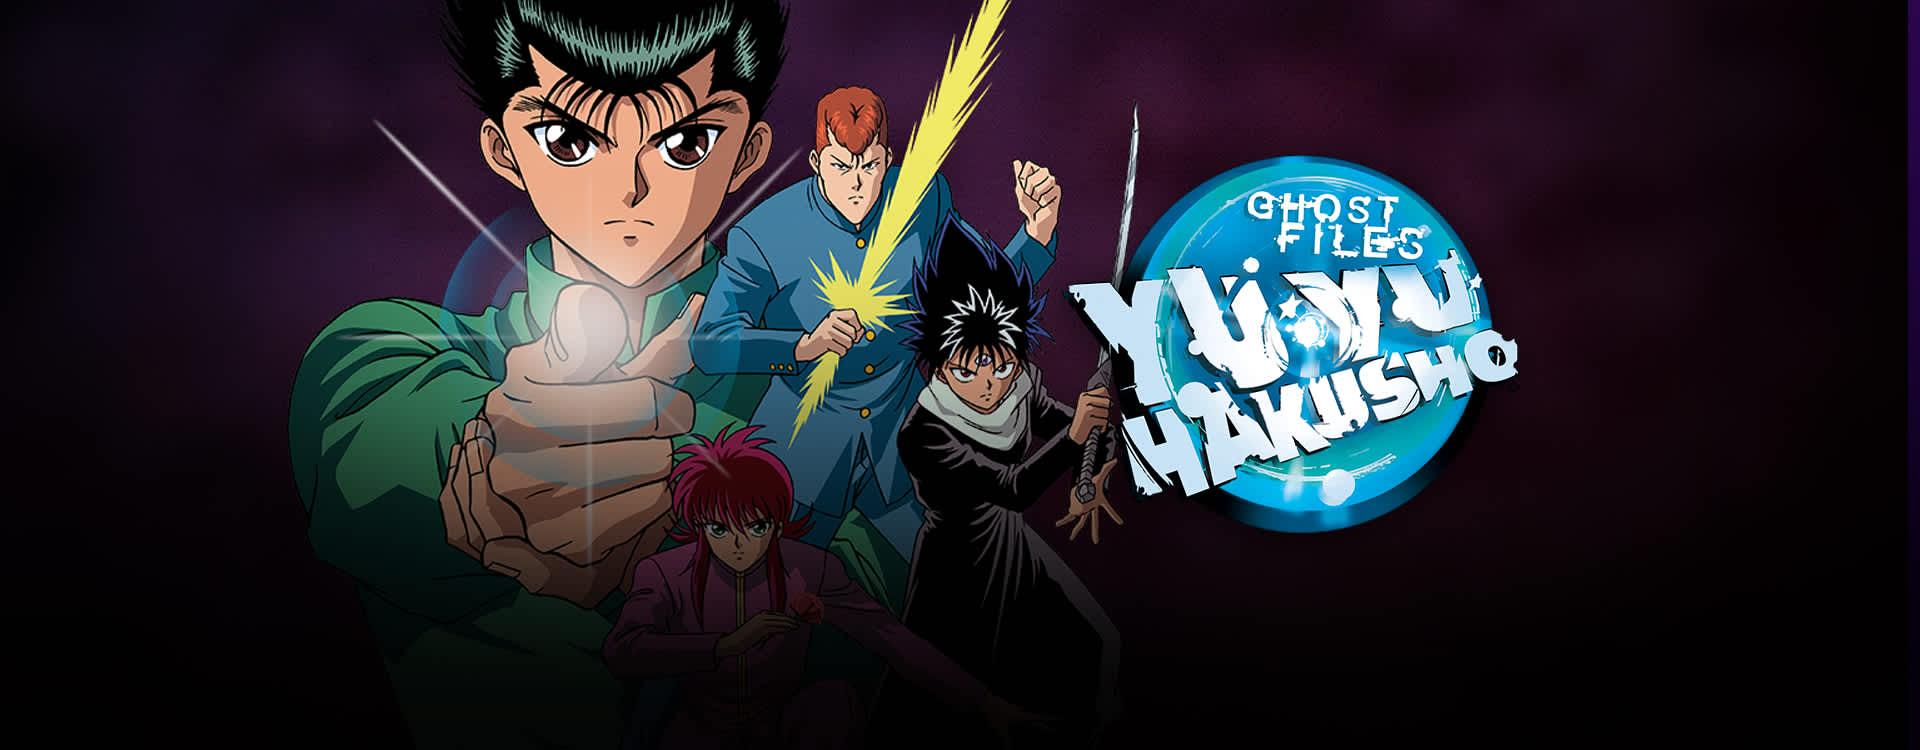 Watch Yu Yu Hakusho Episodes Sub & Dub | Action/Adventure